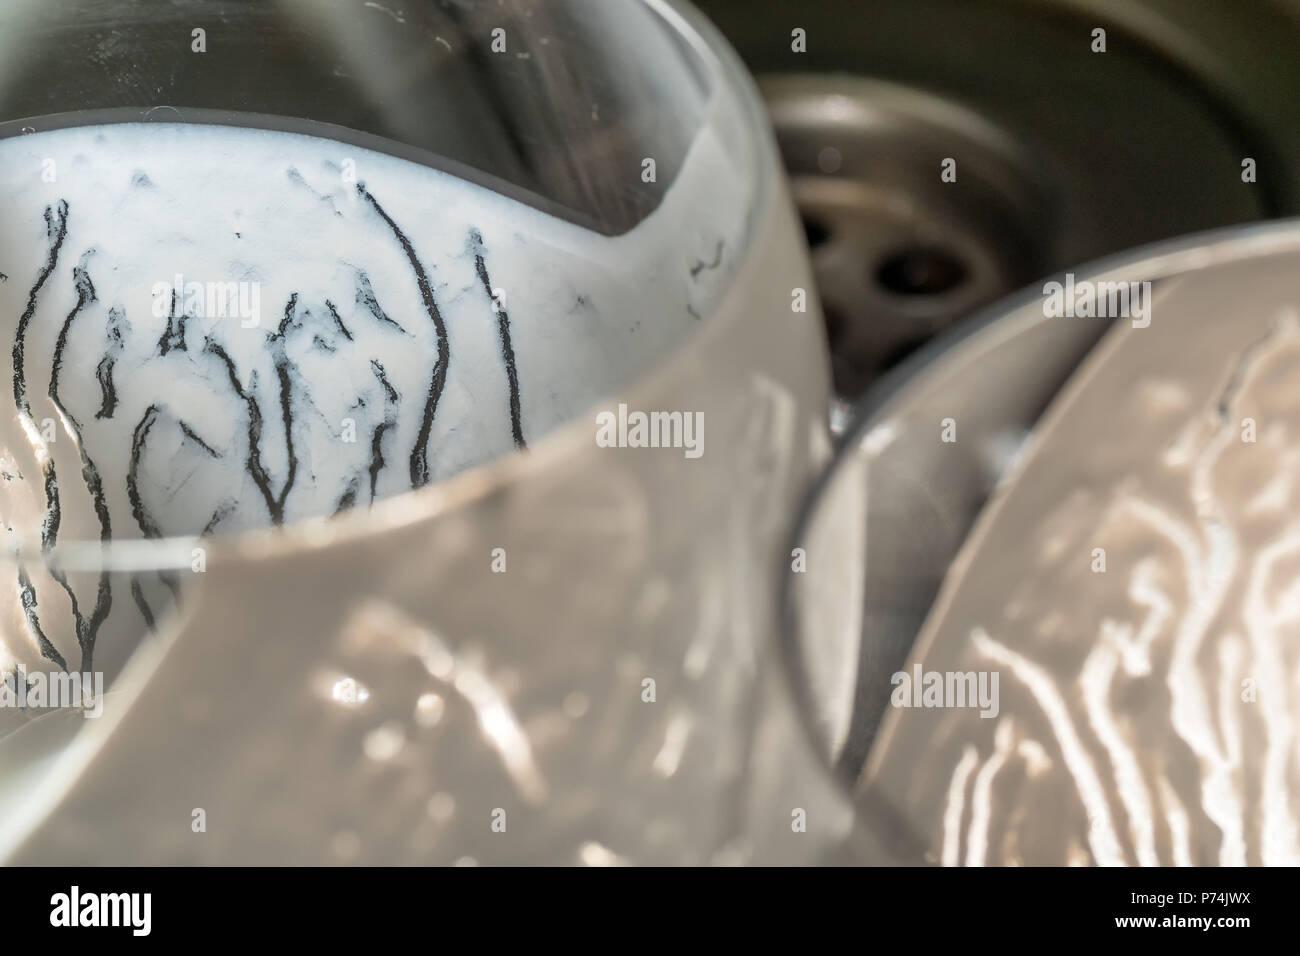 Closeup overhead view of empty fresh kefir probiotik drink in ...